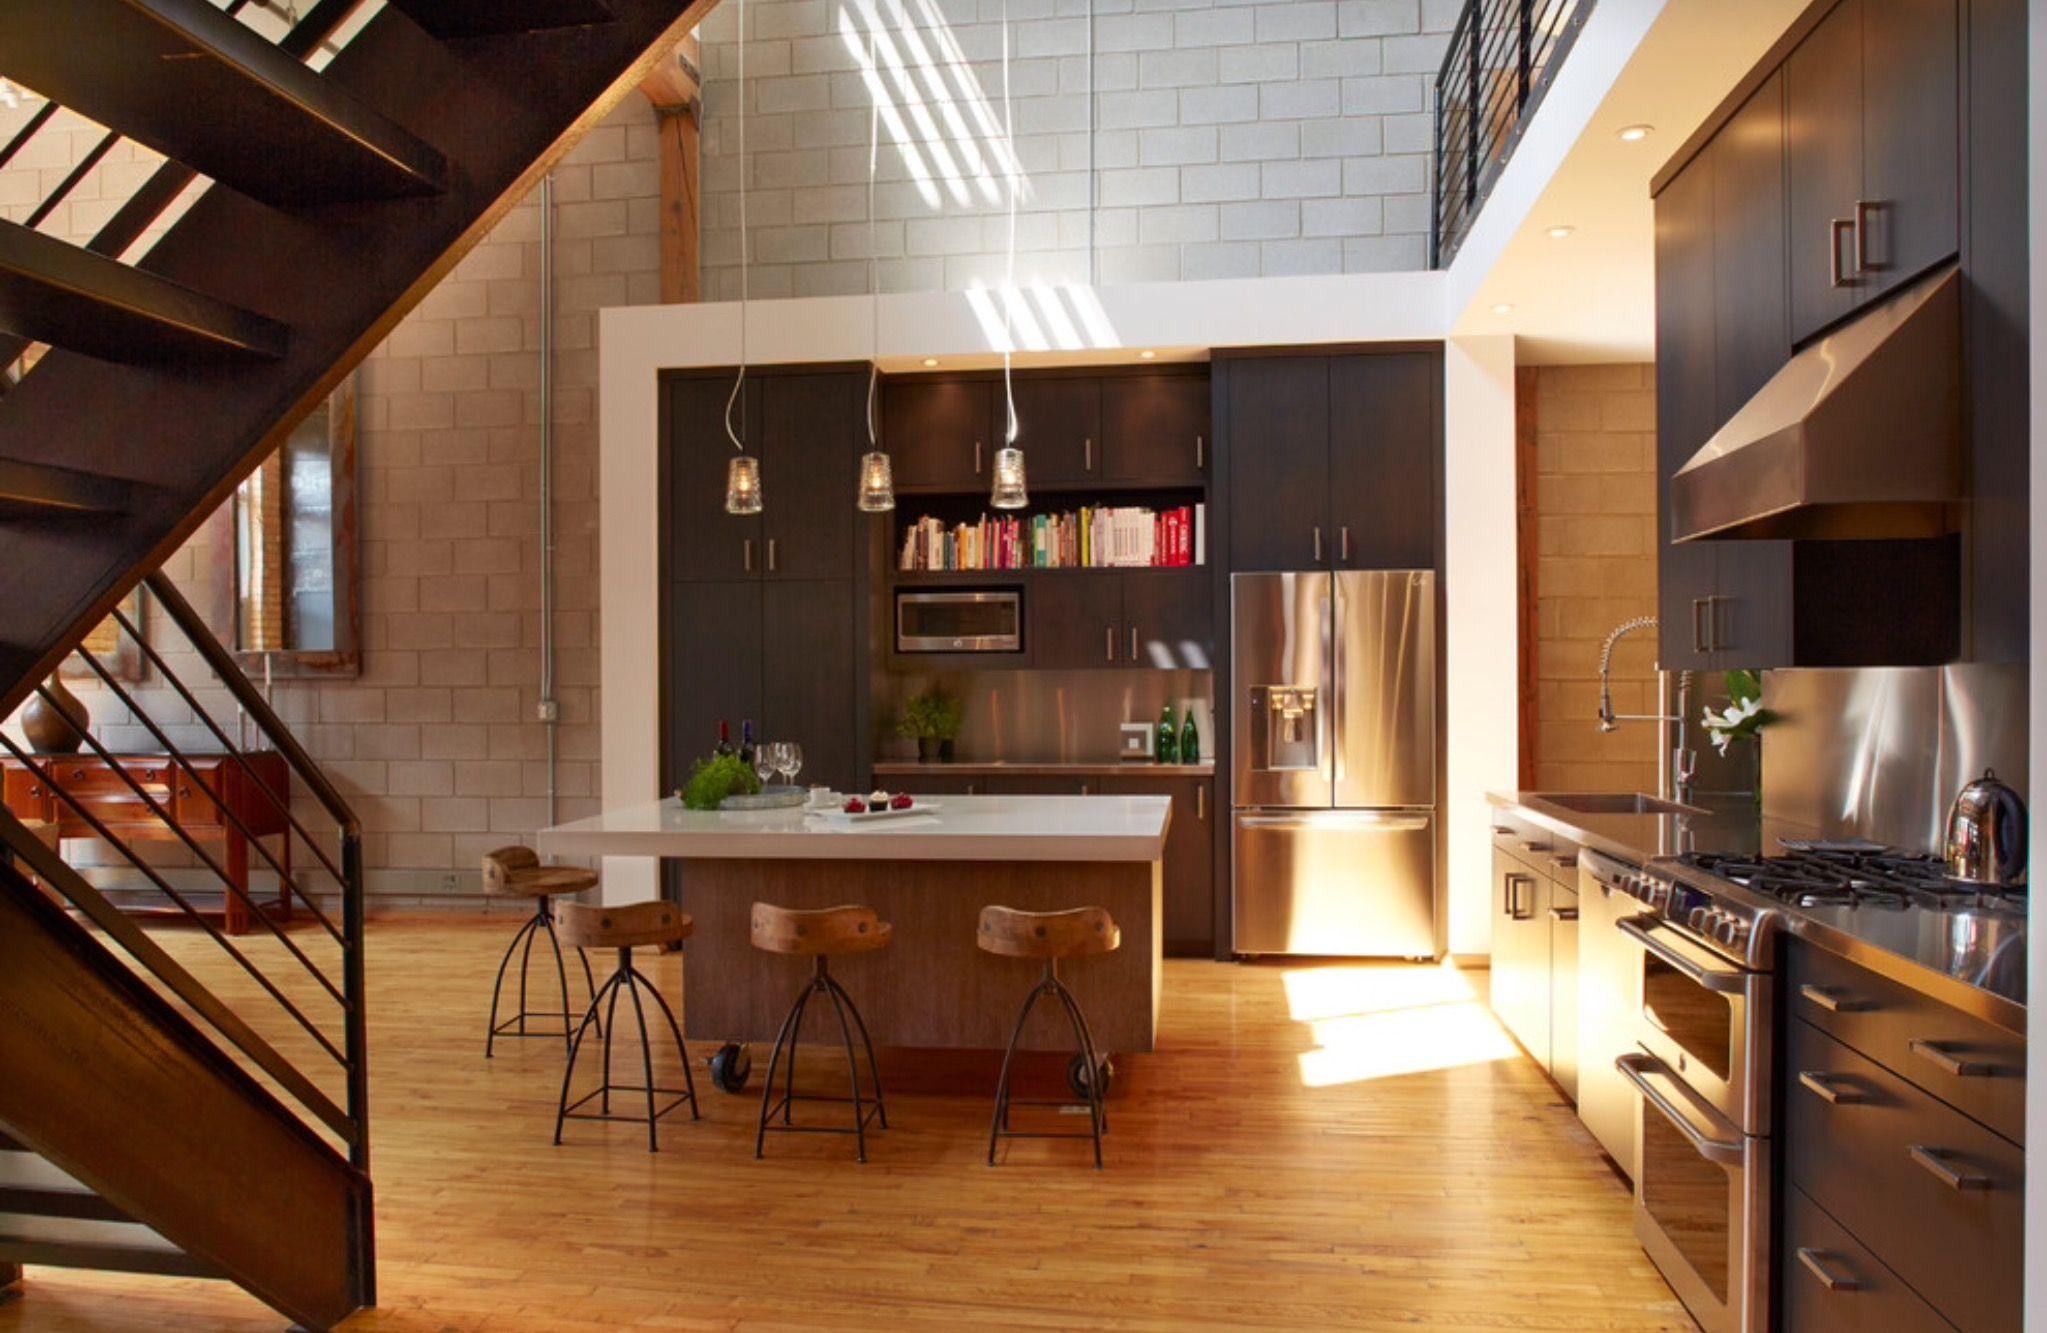 Lujo Cocina Comedor Houzz Diseño Imagen - Como Decorar la Cocina ...